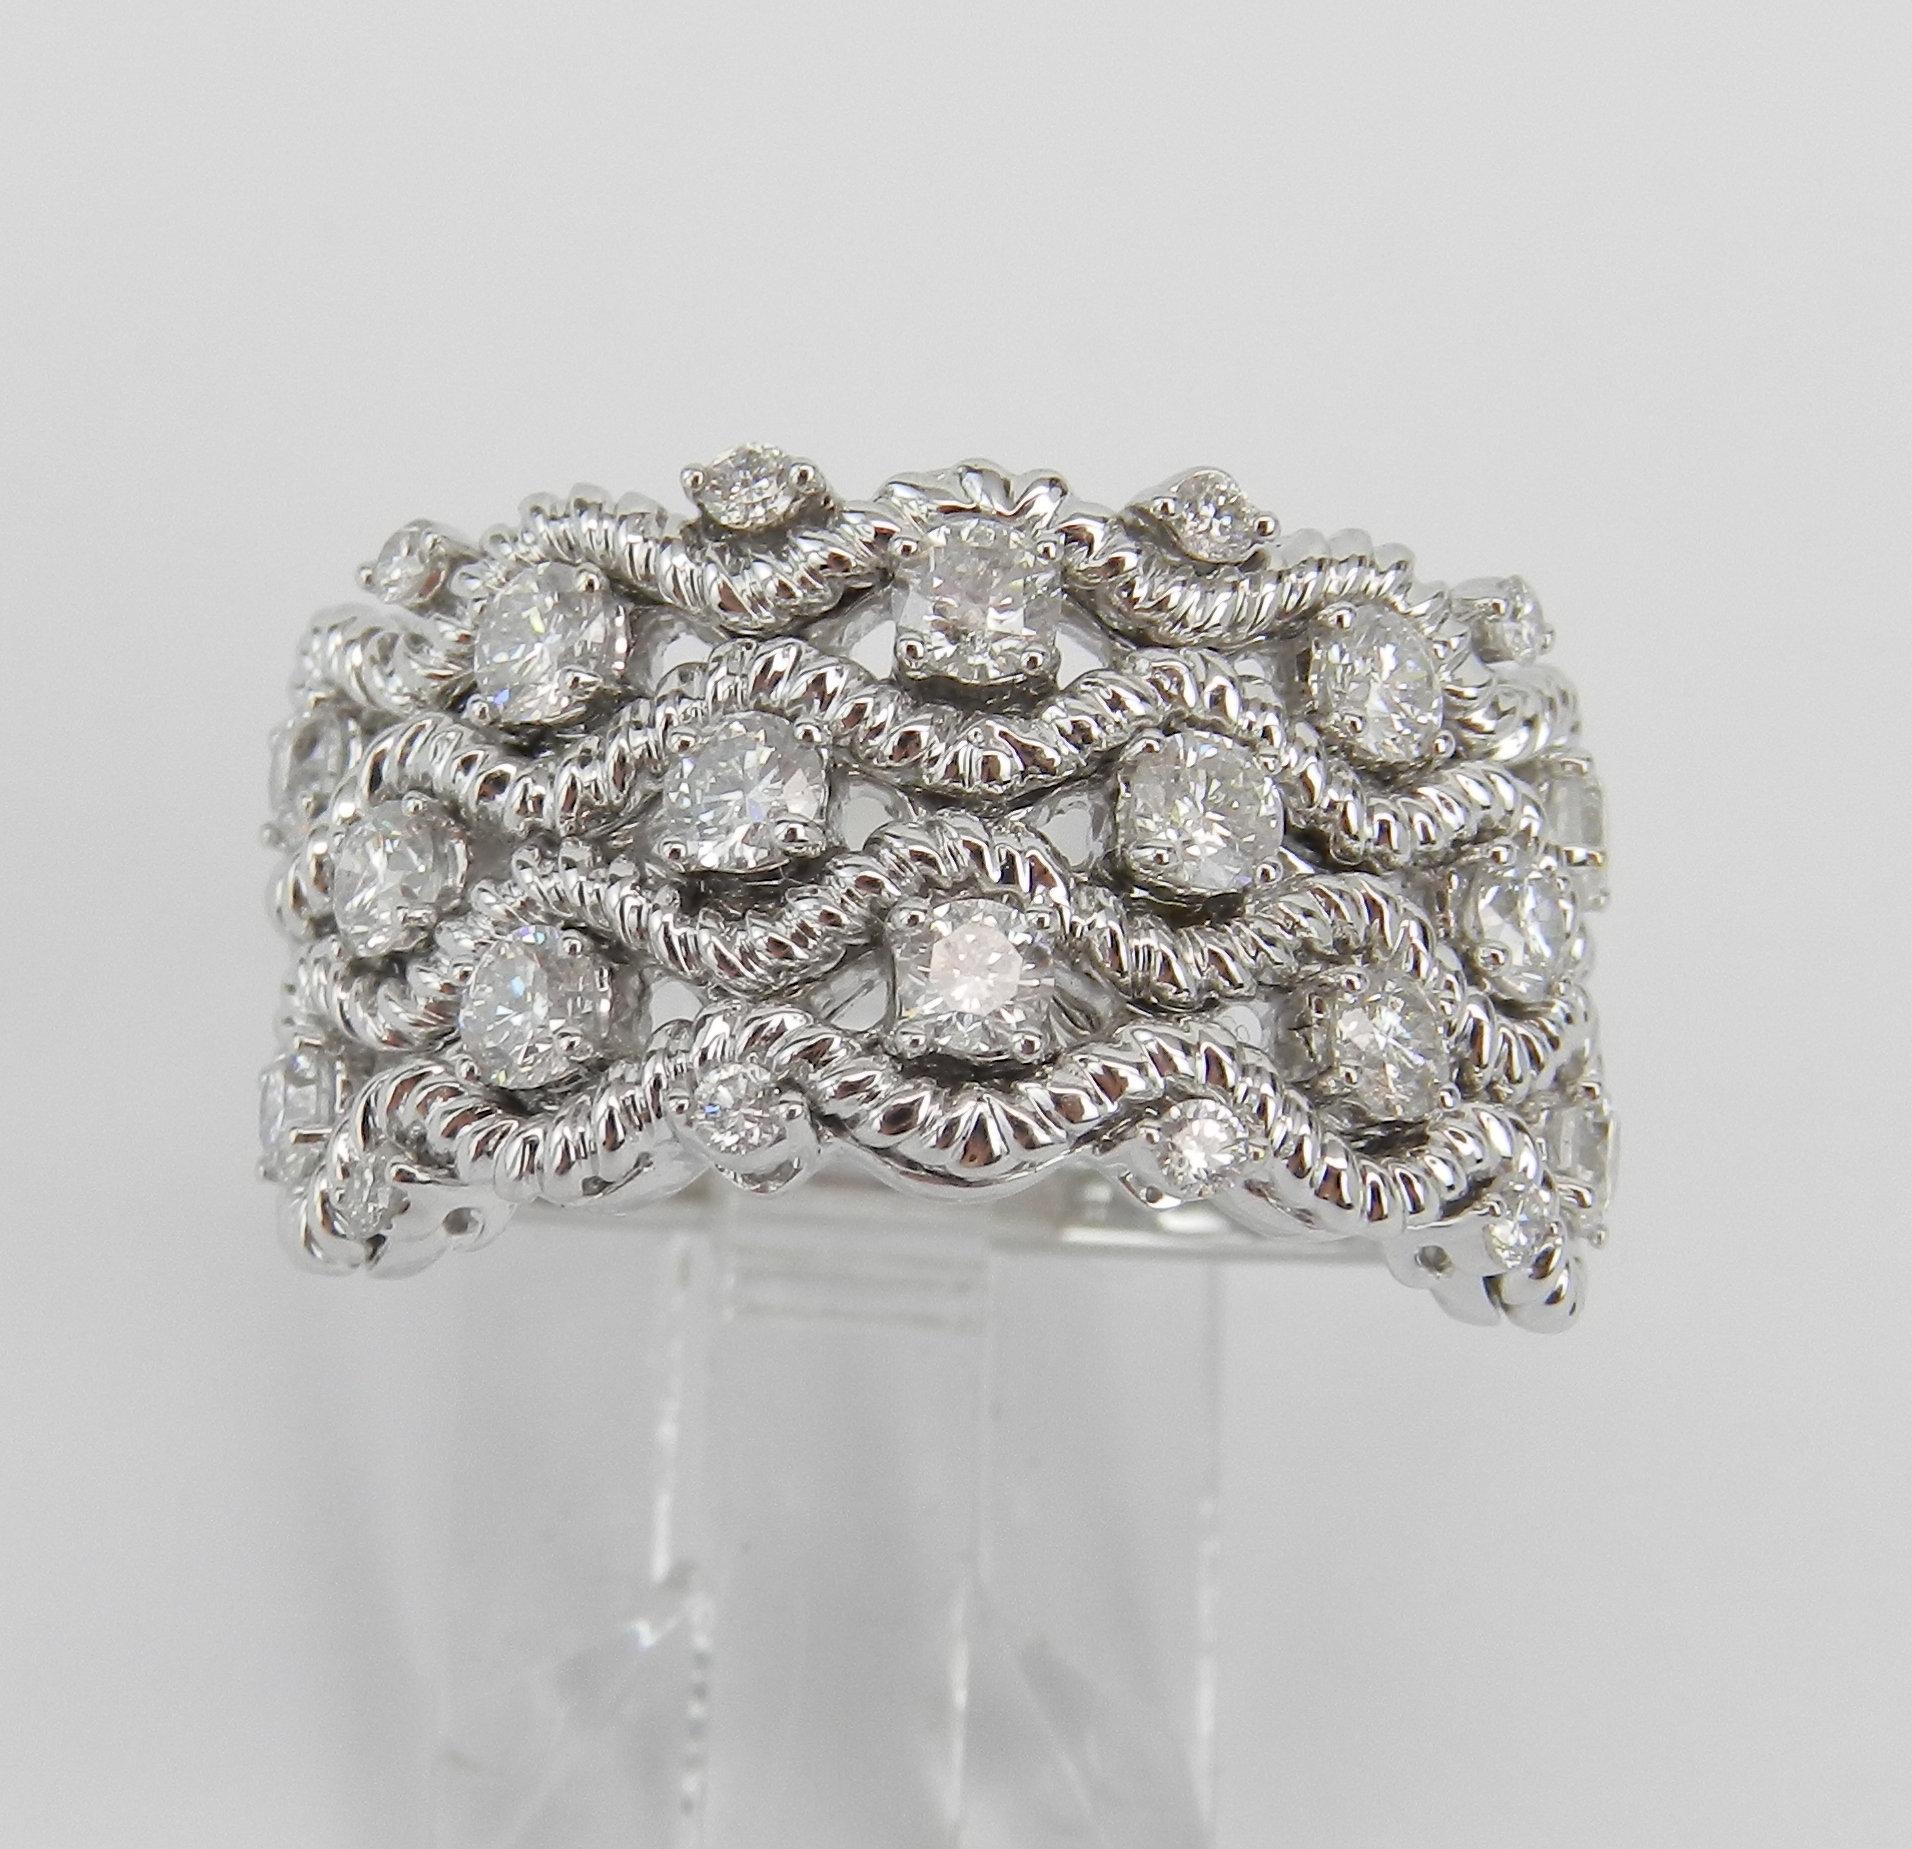 Diamond Anniversary Ring, White Gold Diamond Multi Row With Regard To Most Popular Diamond Multi Row Anniversary Bands In White Gold (Gallery 3 of 25)